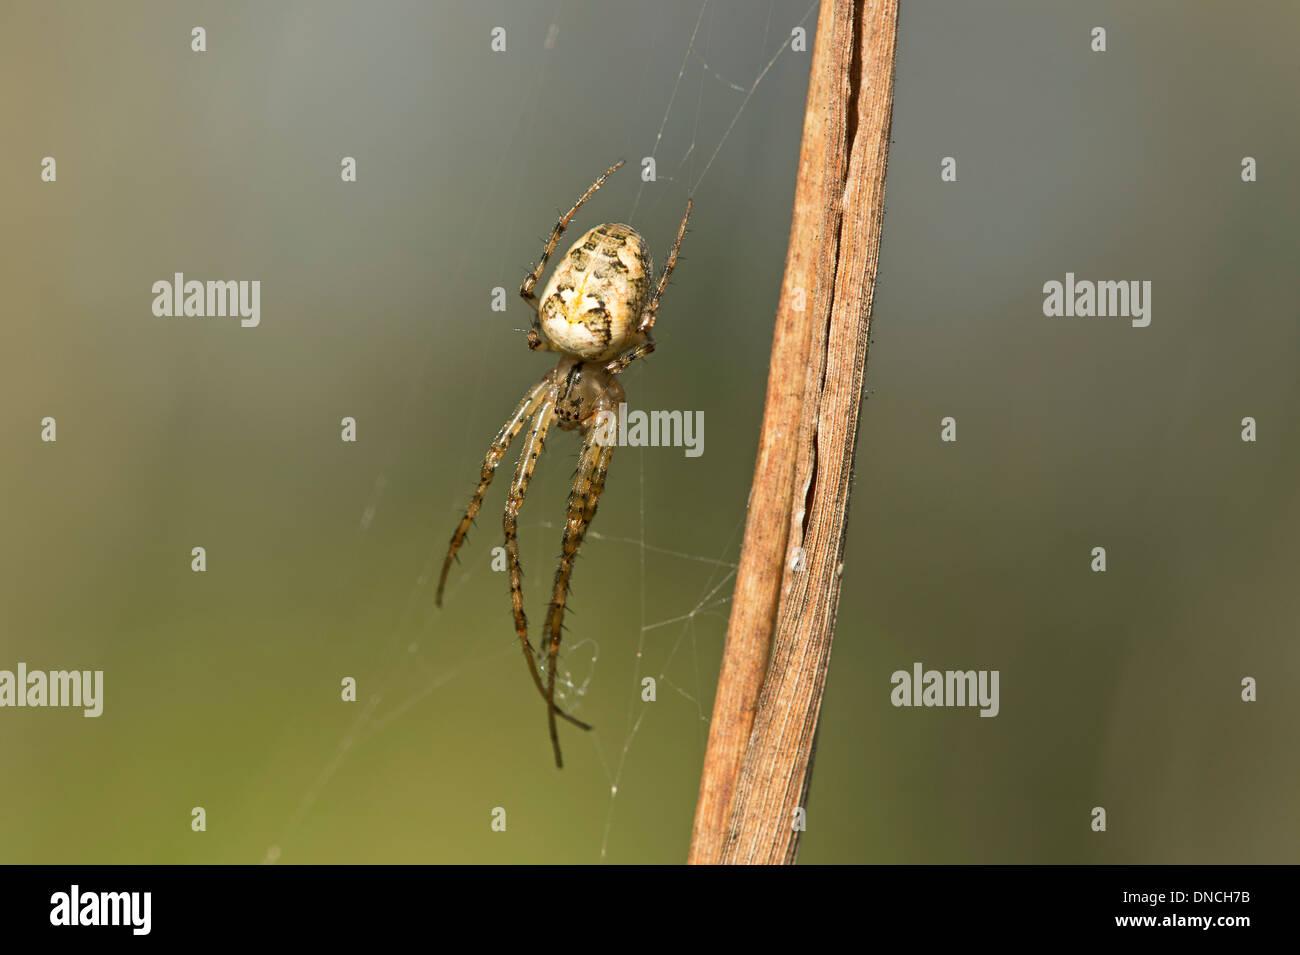 Meta segmentata spider, Long-jawed orb weavers (Tetragnathidae) - Stock Image